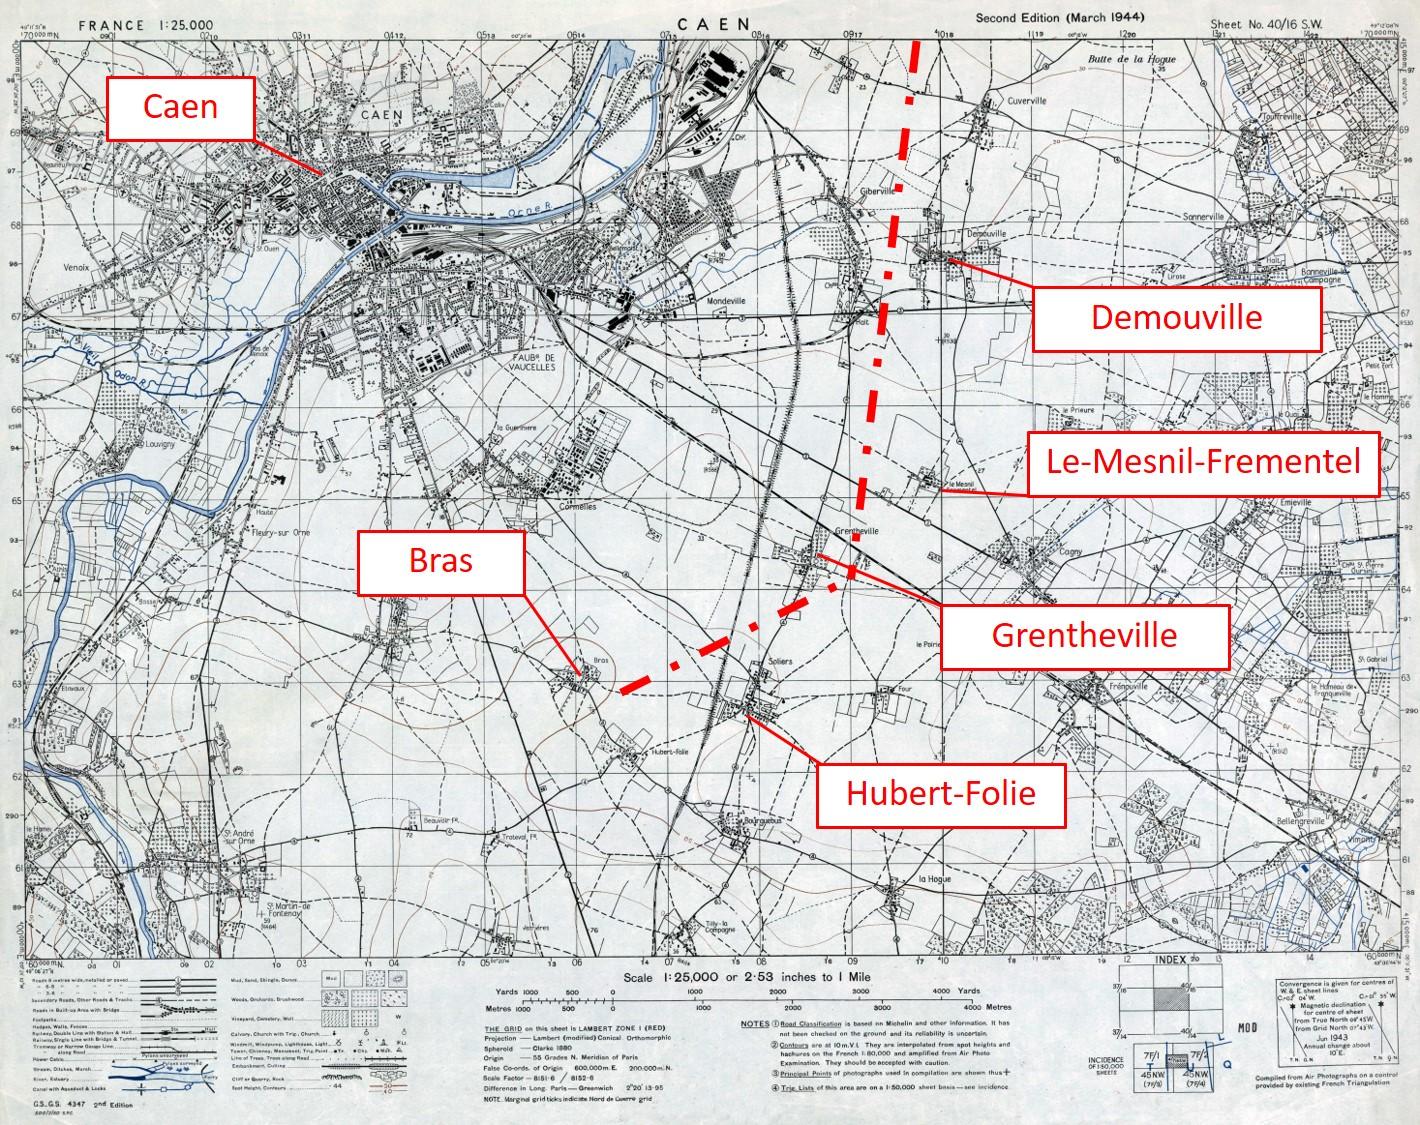 007B - GSGS-4347-Caen-route